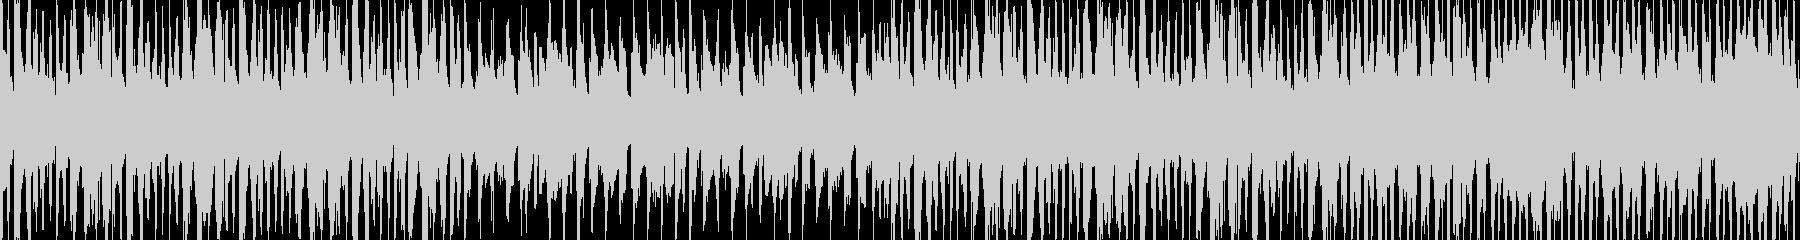 【ループ】カジノ風楽しい怪しげなBGMの未再生の波形